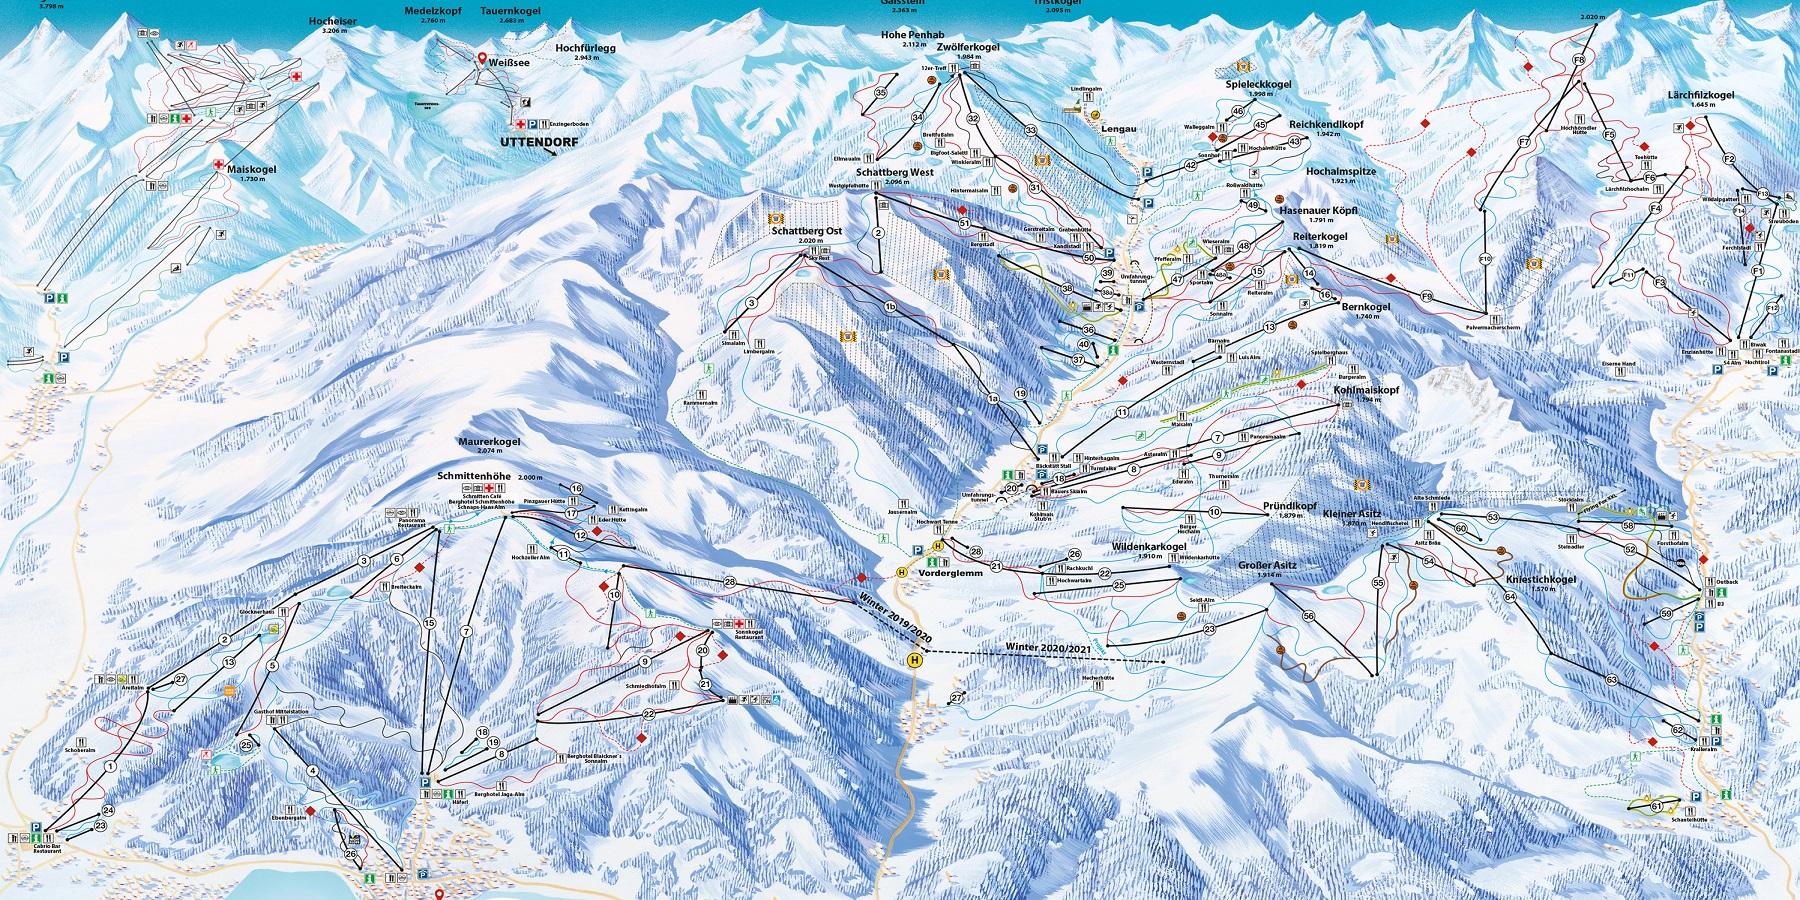 Схема трасс в Цель Ам Зее (Ski map Zell am See)